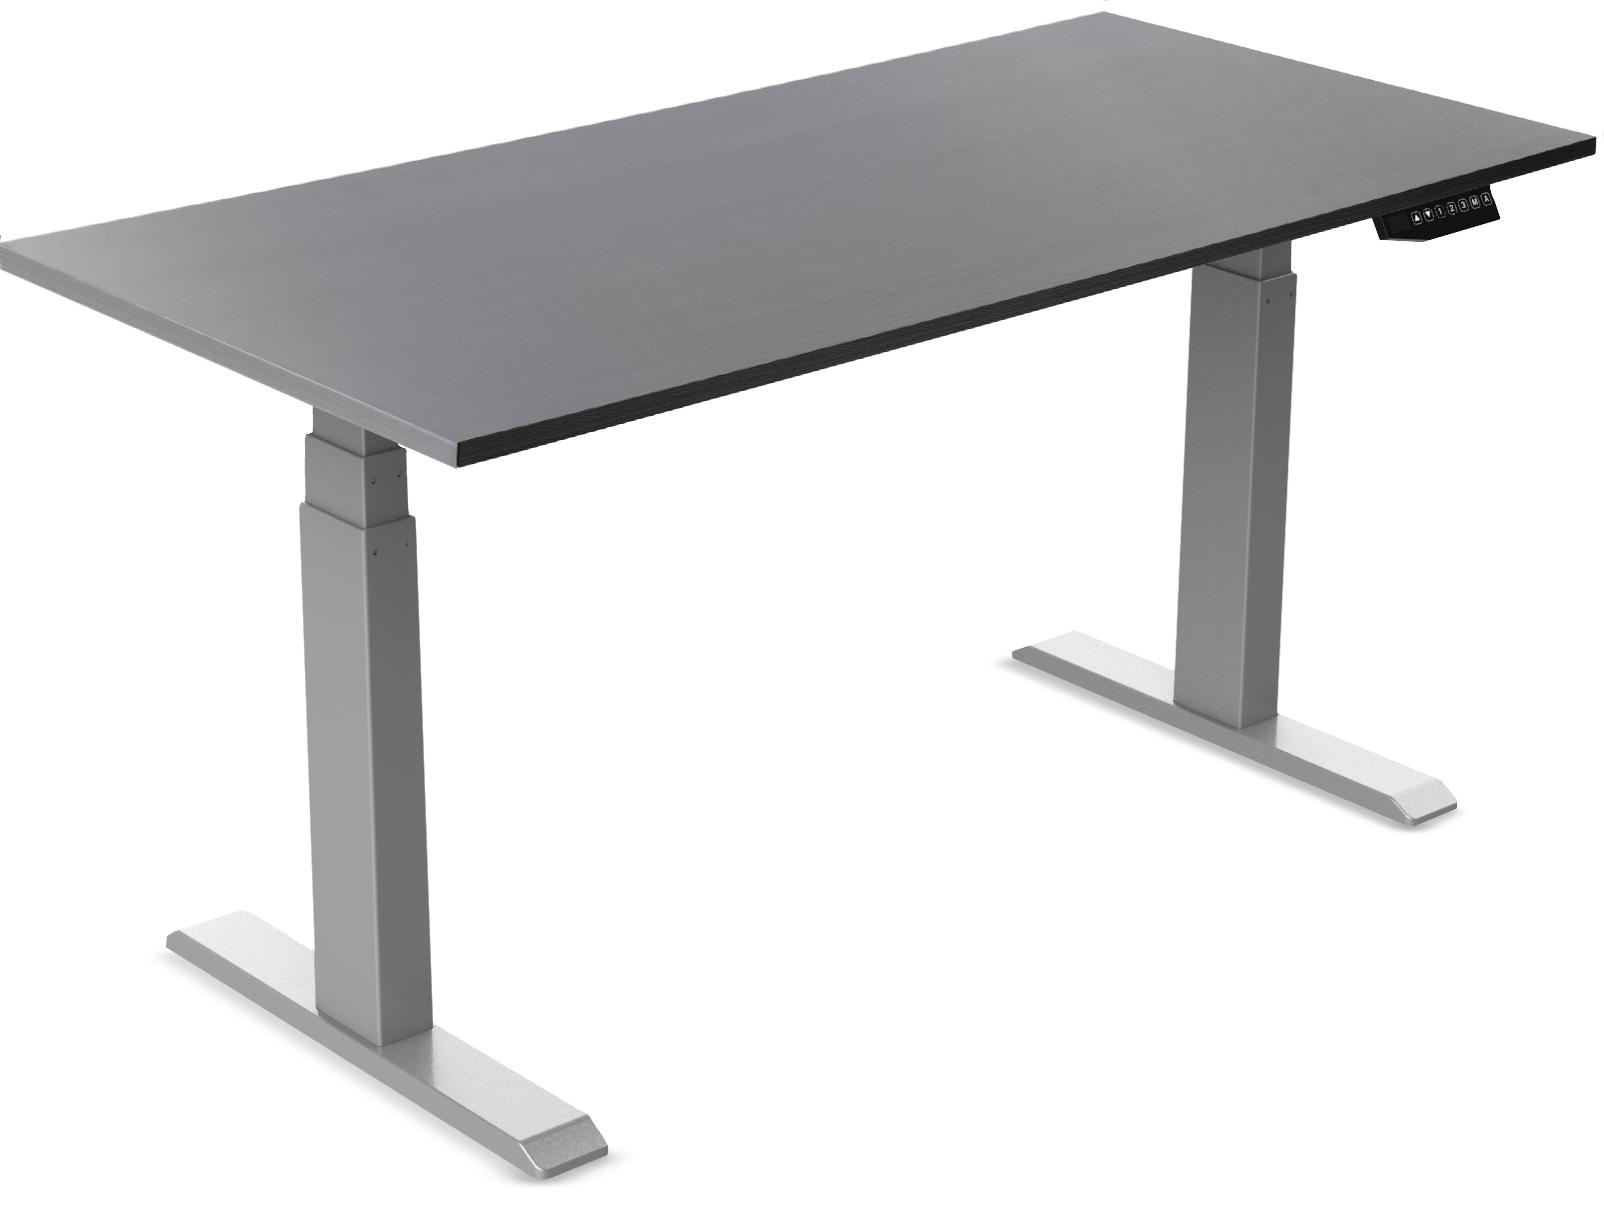 Vantage Standing Desk Grey with Grey Desktop